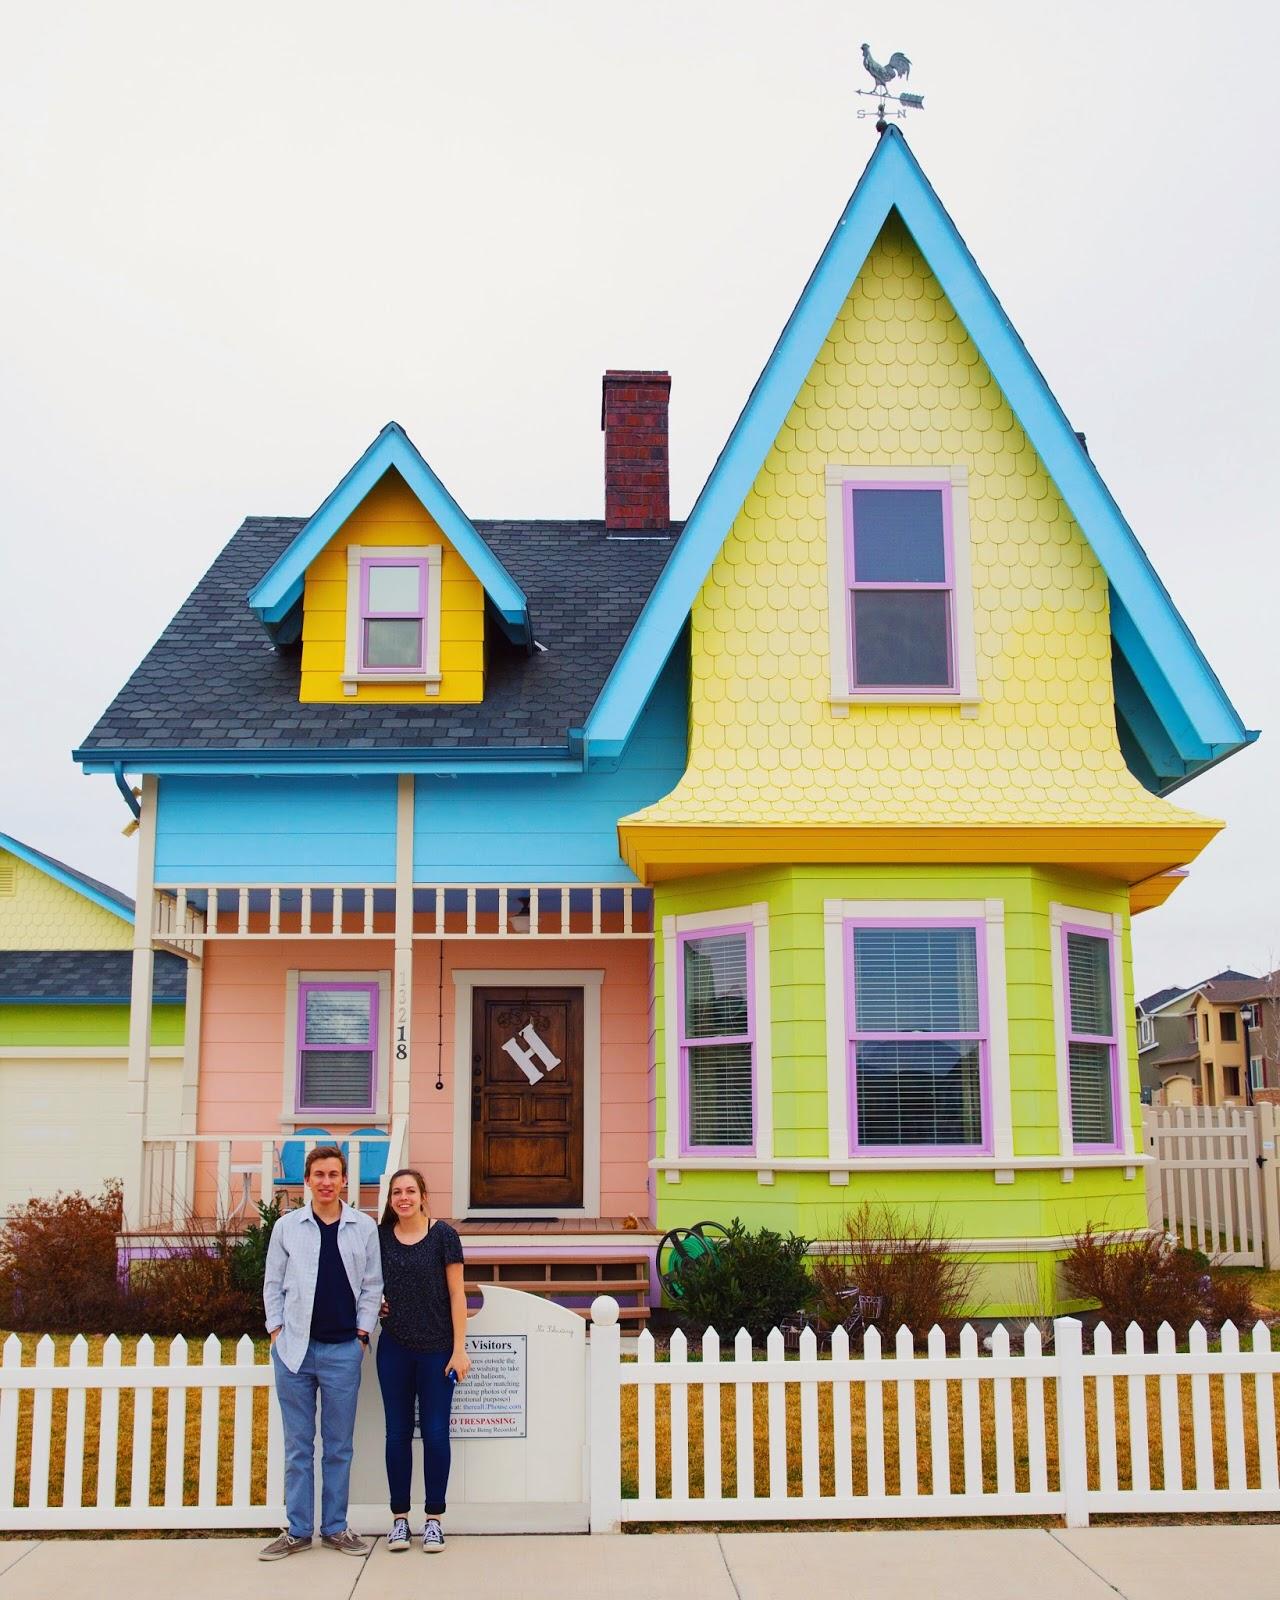 Pixar 39 s up house after sundance for Sundance house